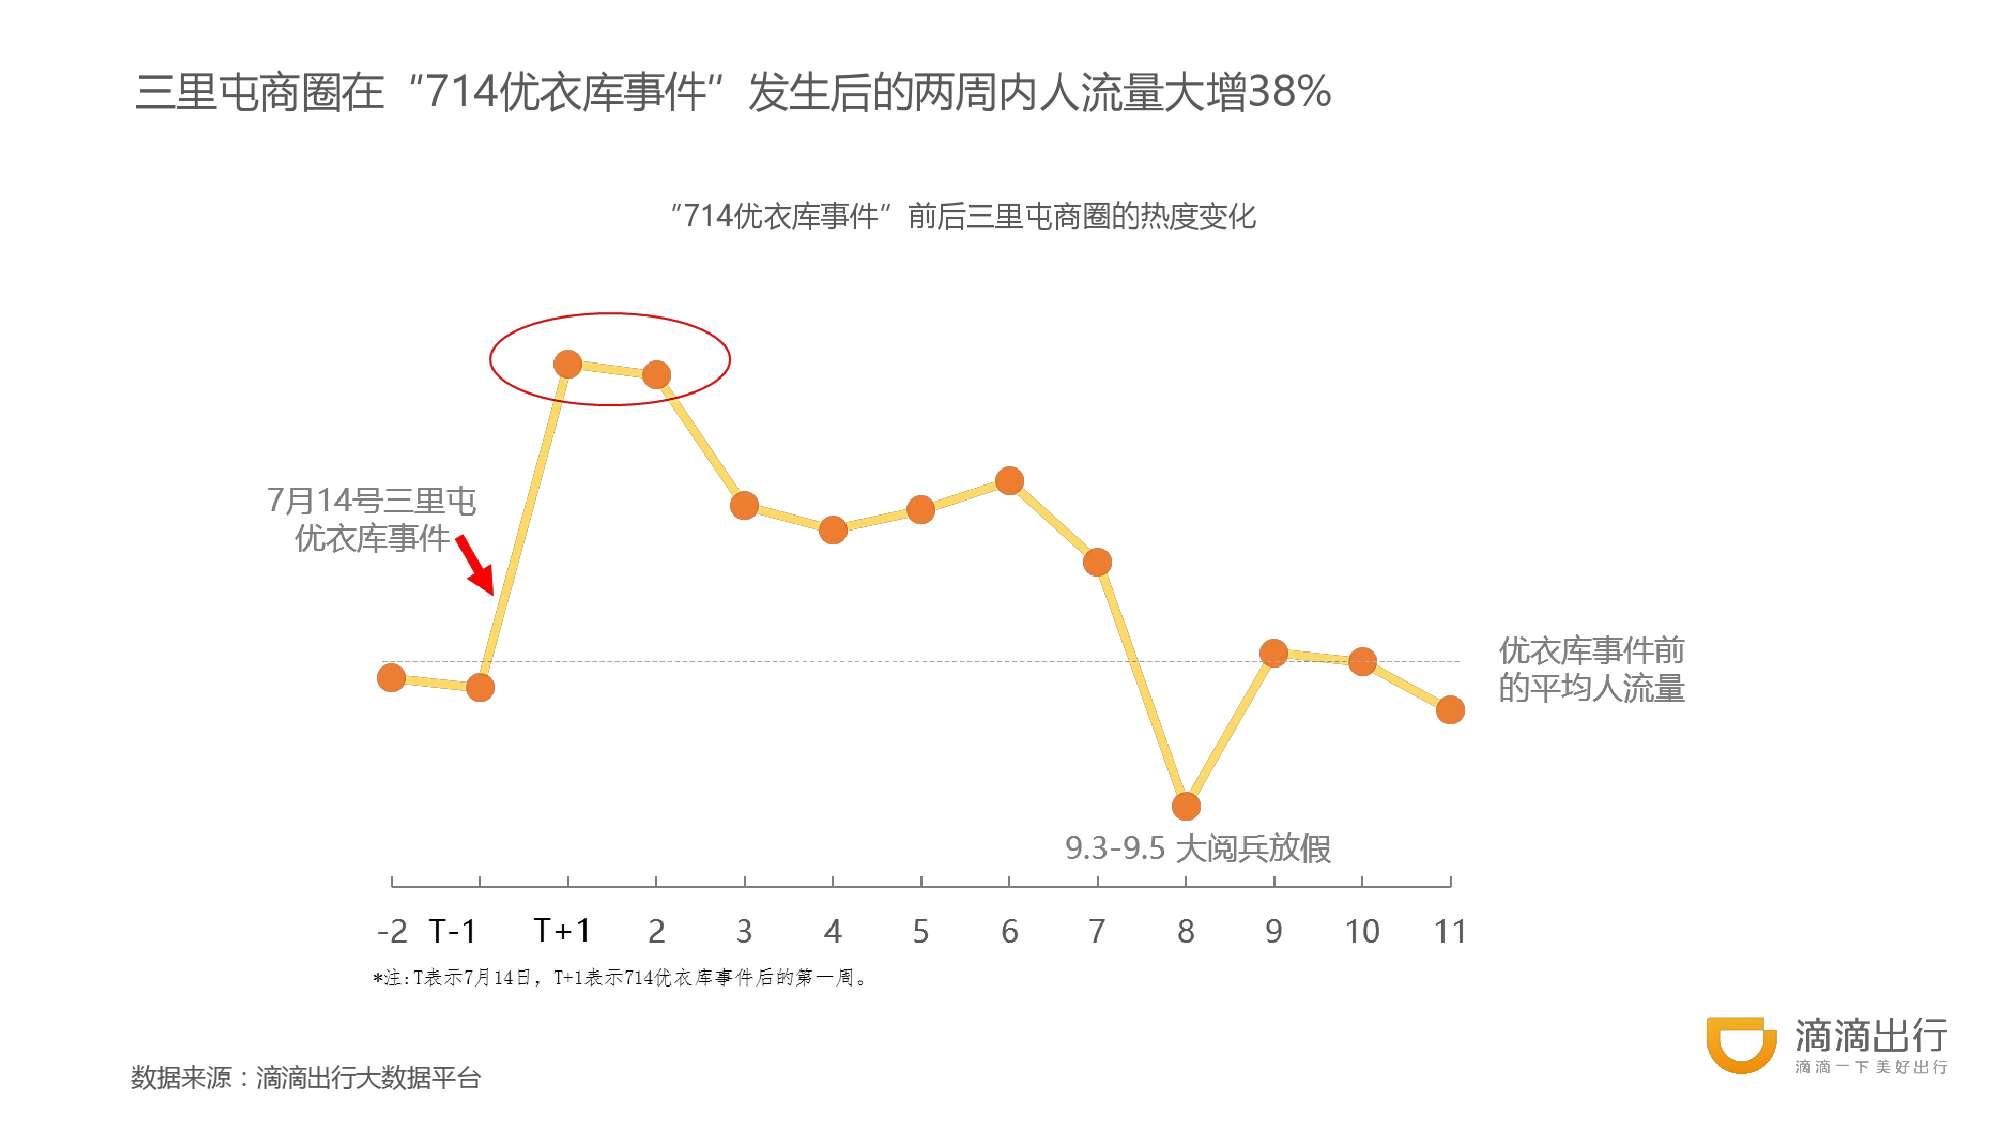 中国智能出行2015大数据报告_000076